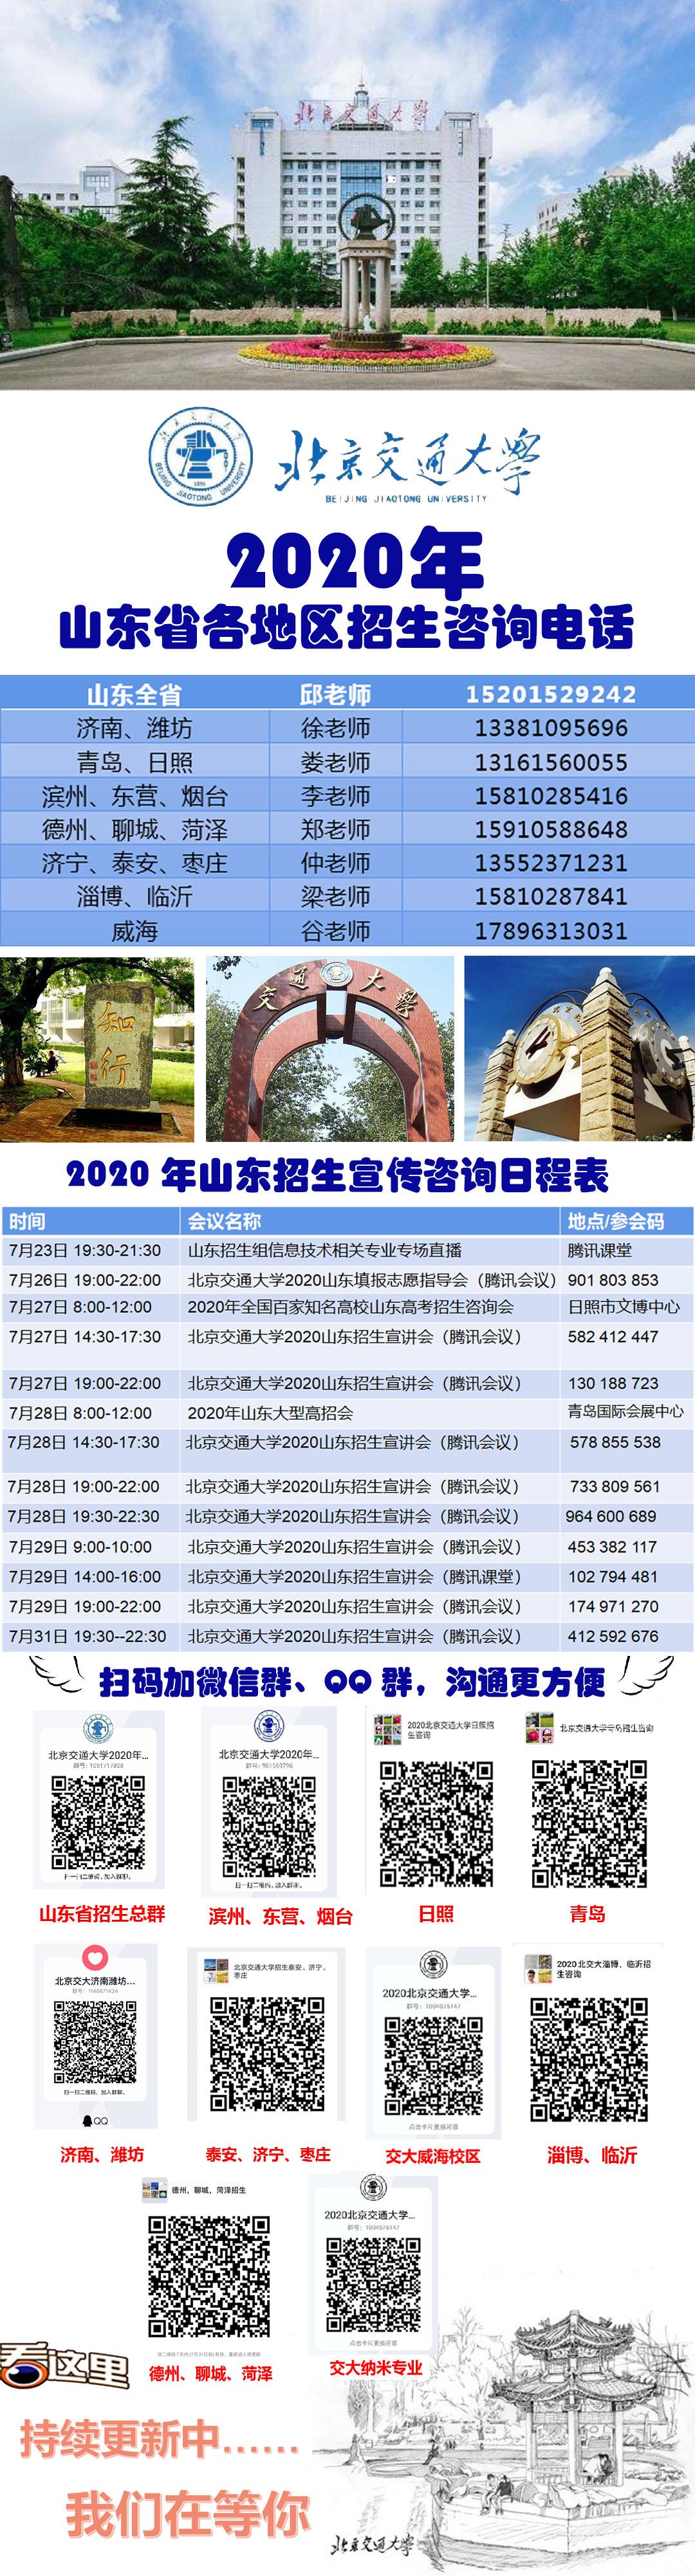 微信图片_20200728171510.jpg